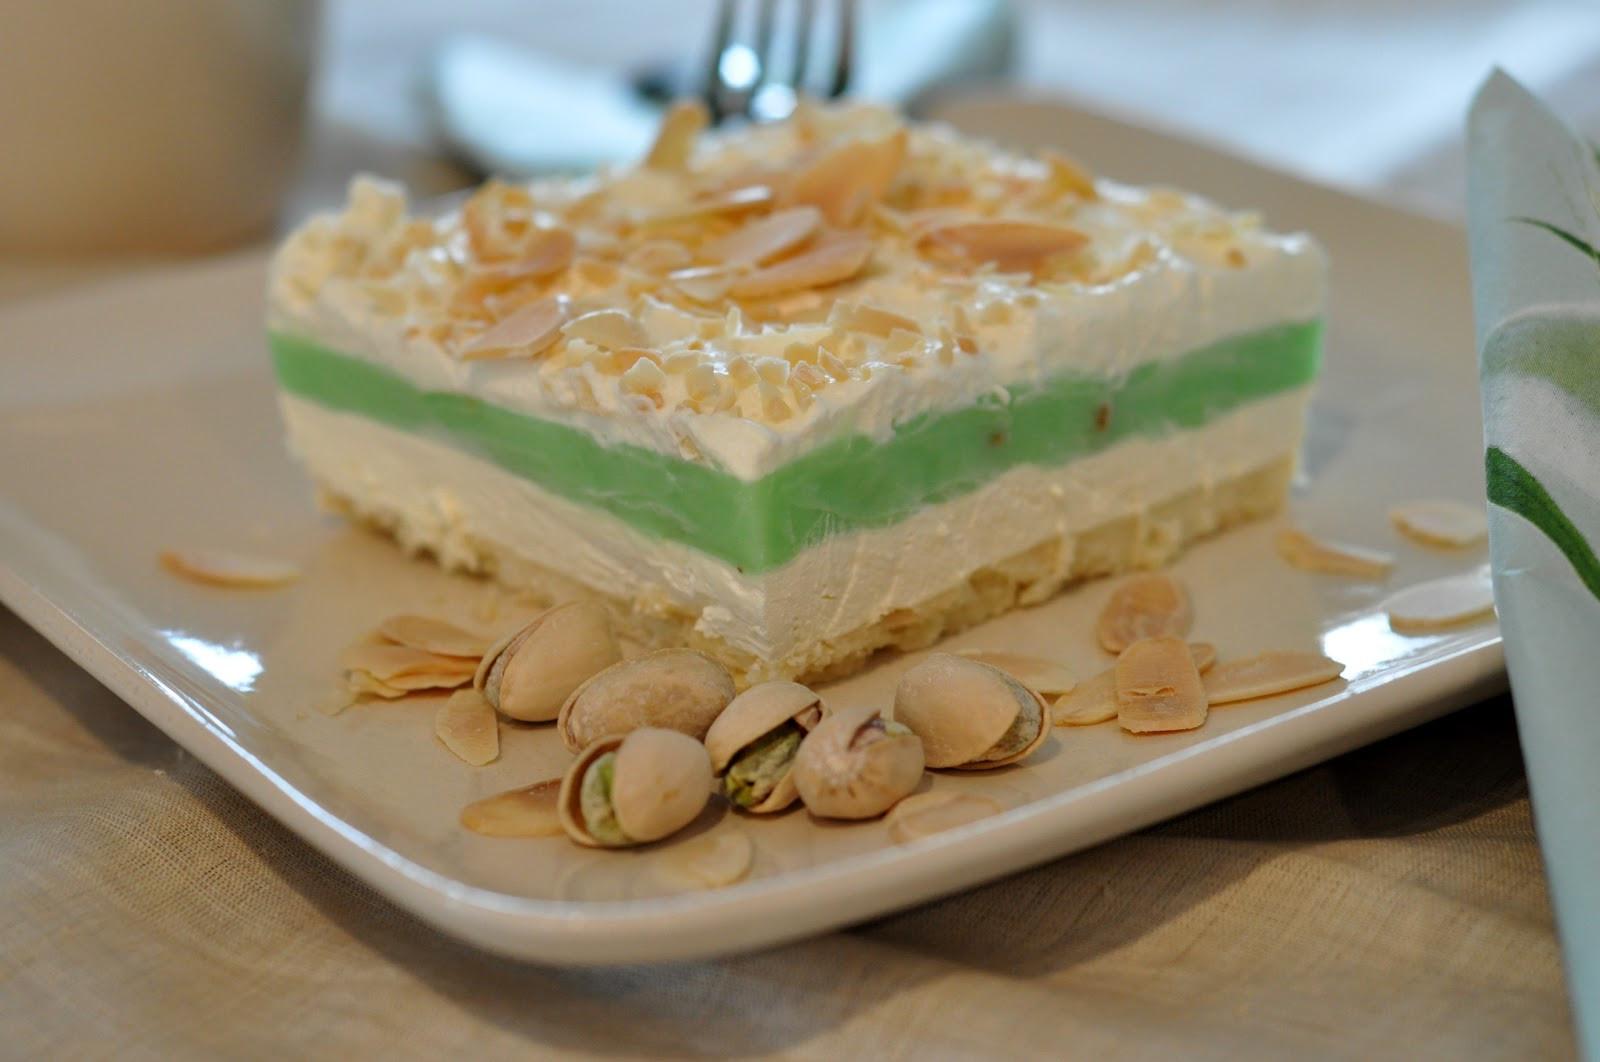 Pistachio Pudding Dessert Recipes  Mennonite Girls Can Cook Pistachio Dessert